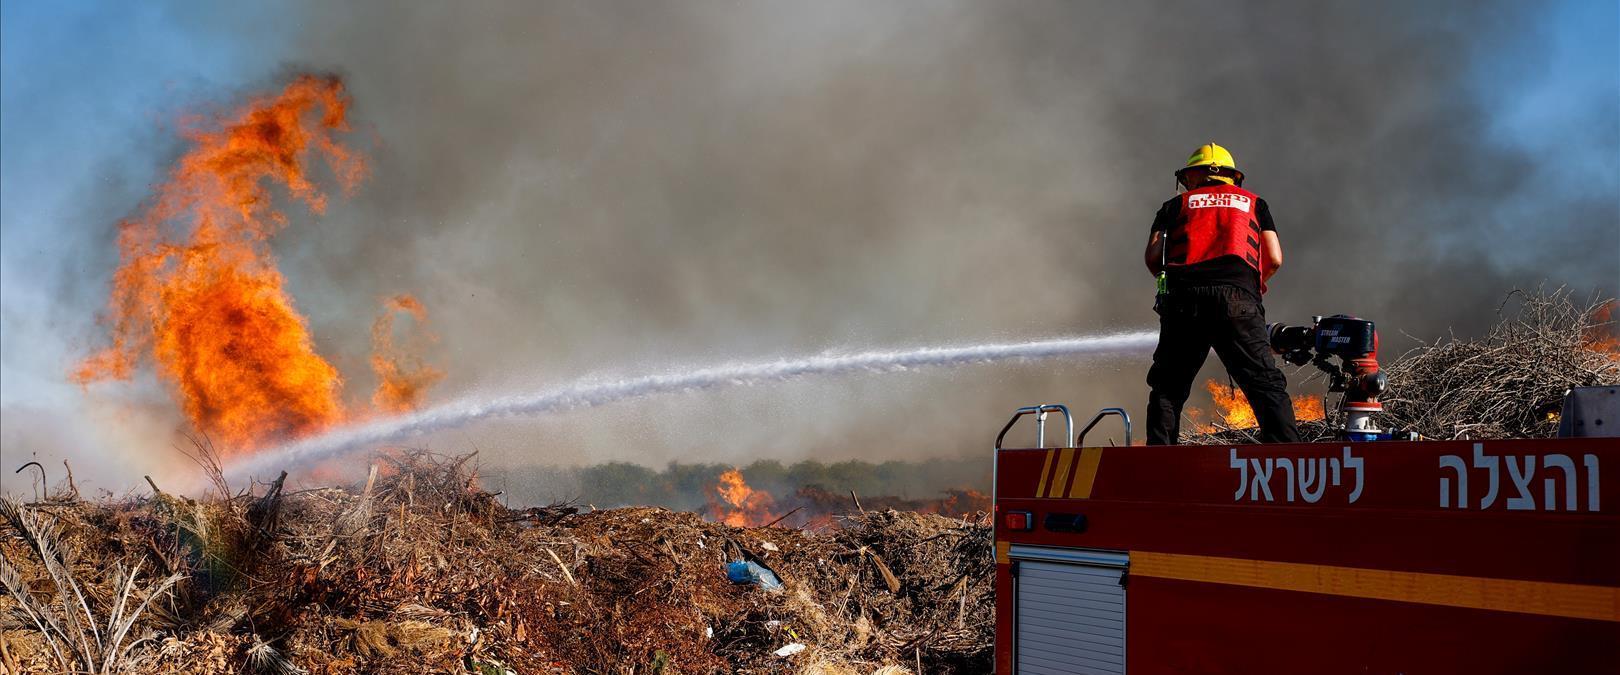 שריפה ביער ליד כפר עזה, אתמול